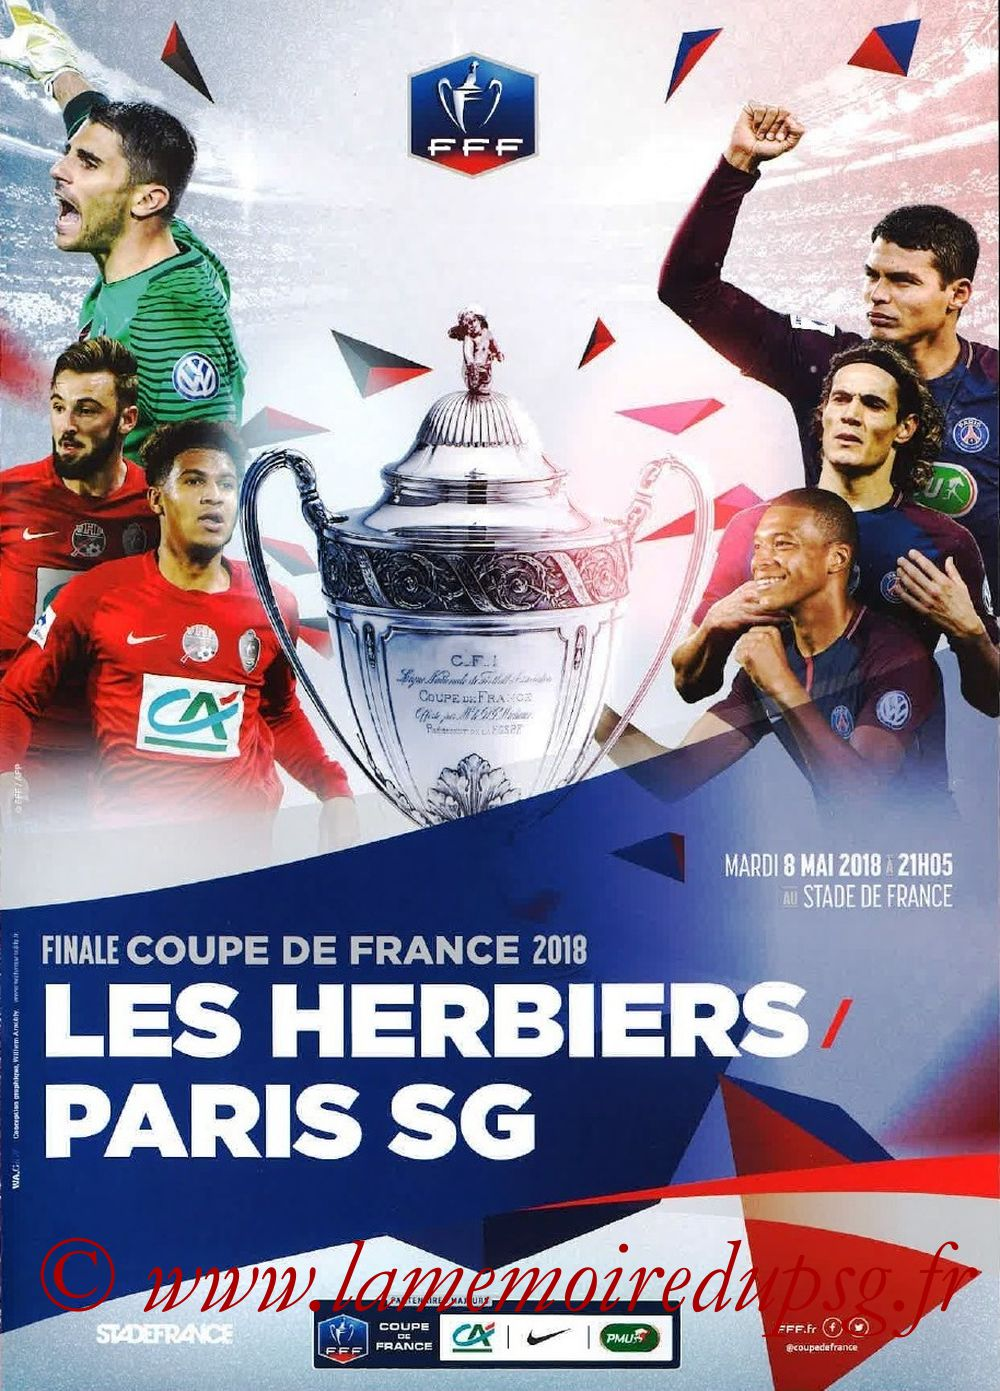 2018-05-08  Les Herbiers-PSG (Finale CF à Saint-Denis, Programme FFF)